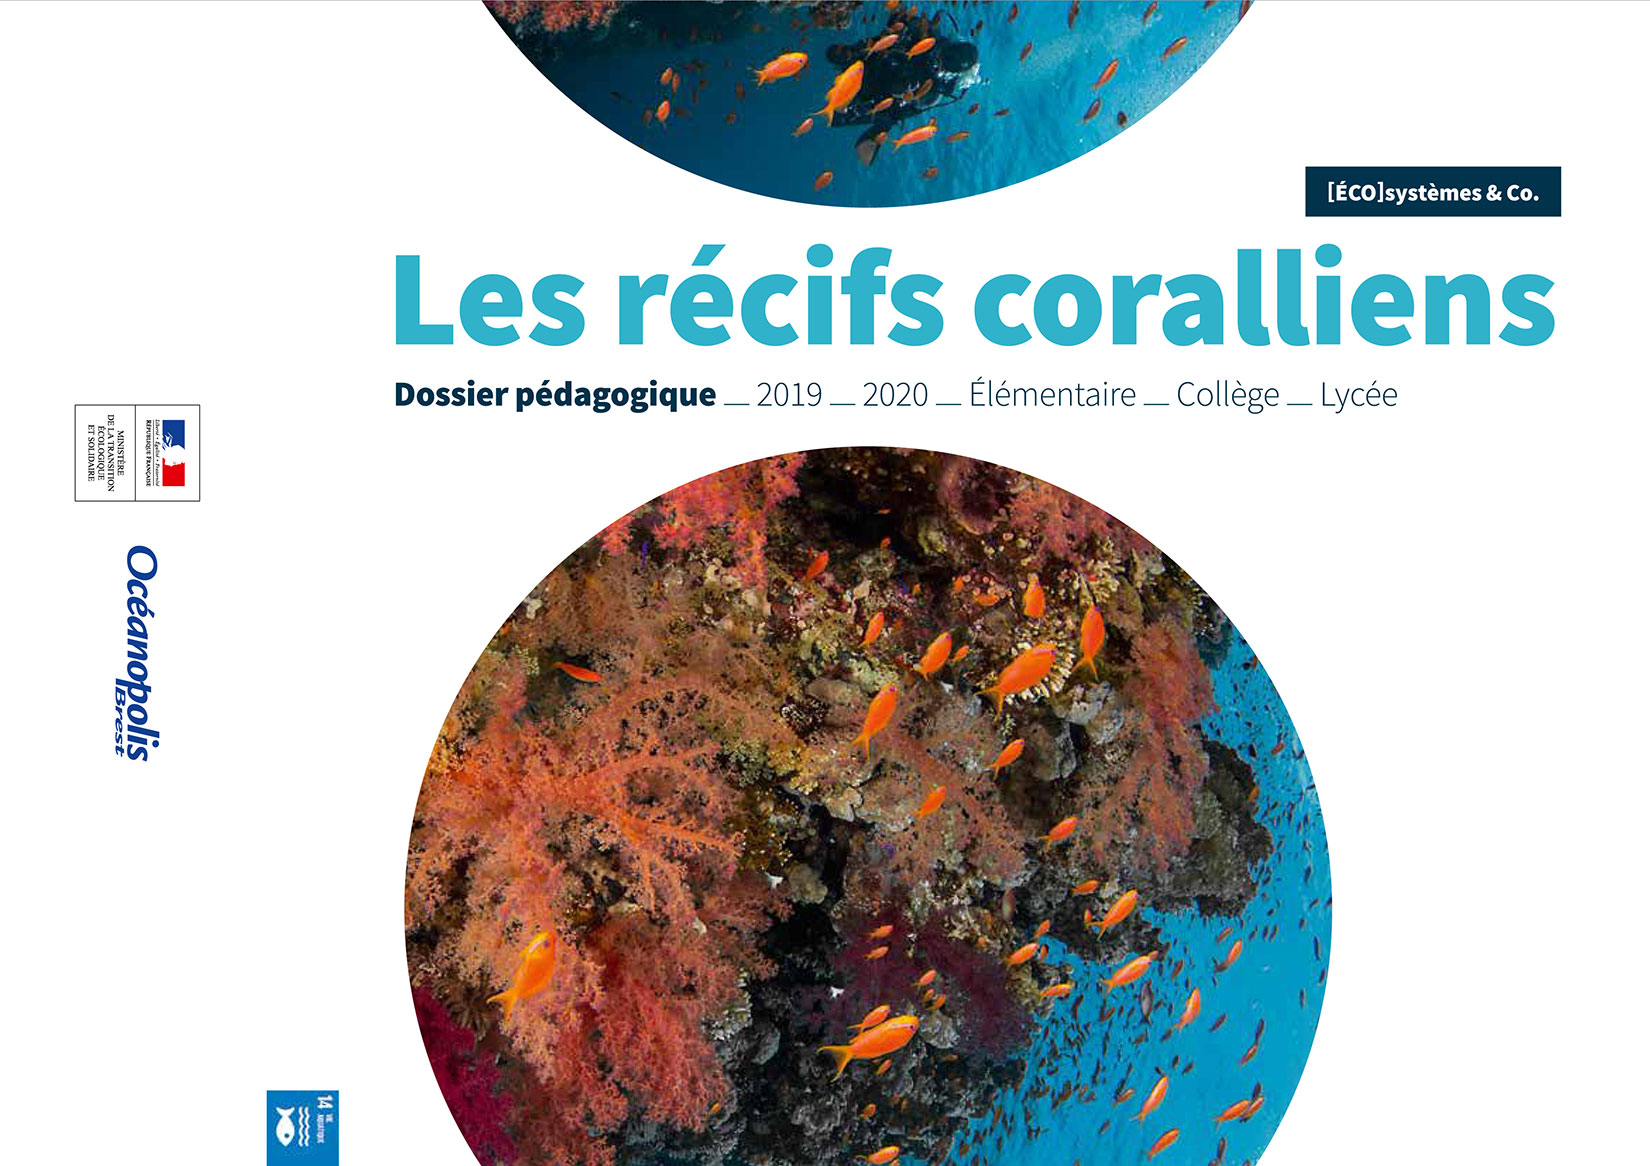 Dossier pédagogique sur les récifs coralliens